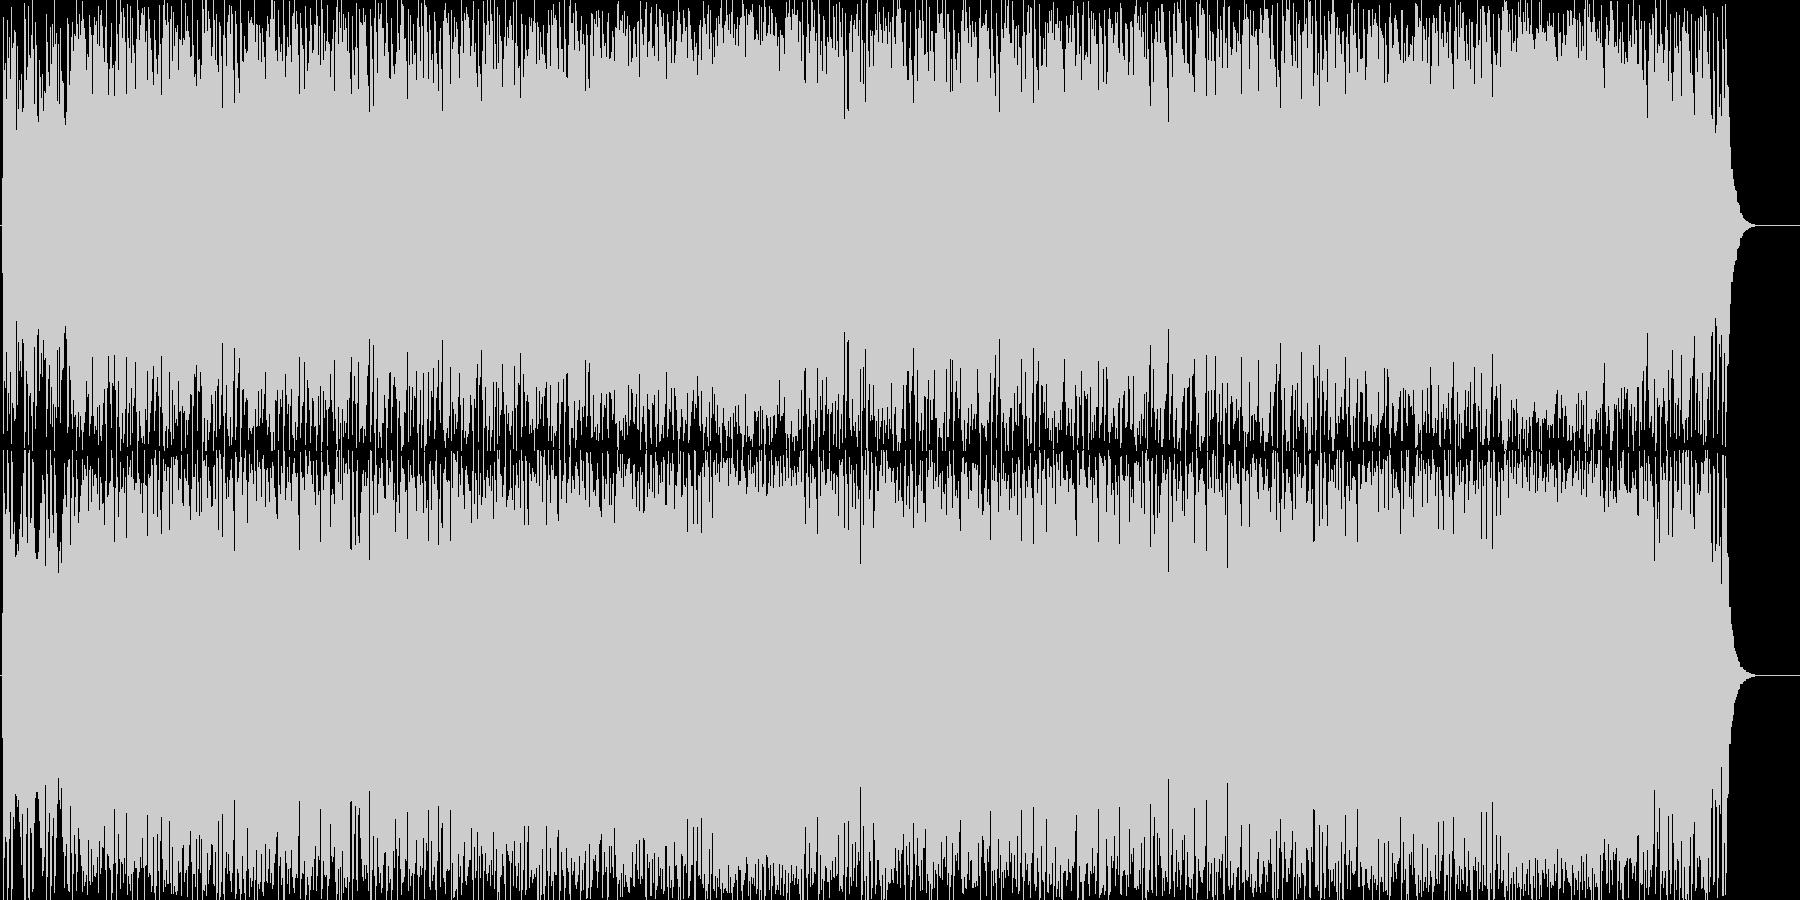 ノリノリのユーロビート。の未再生の波形